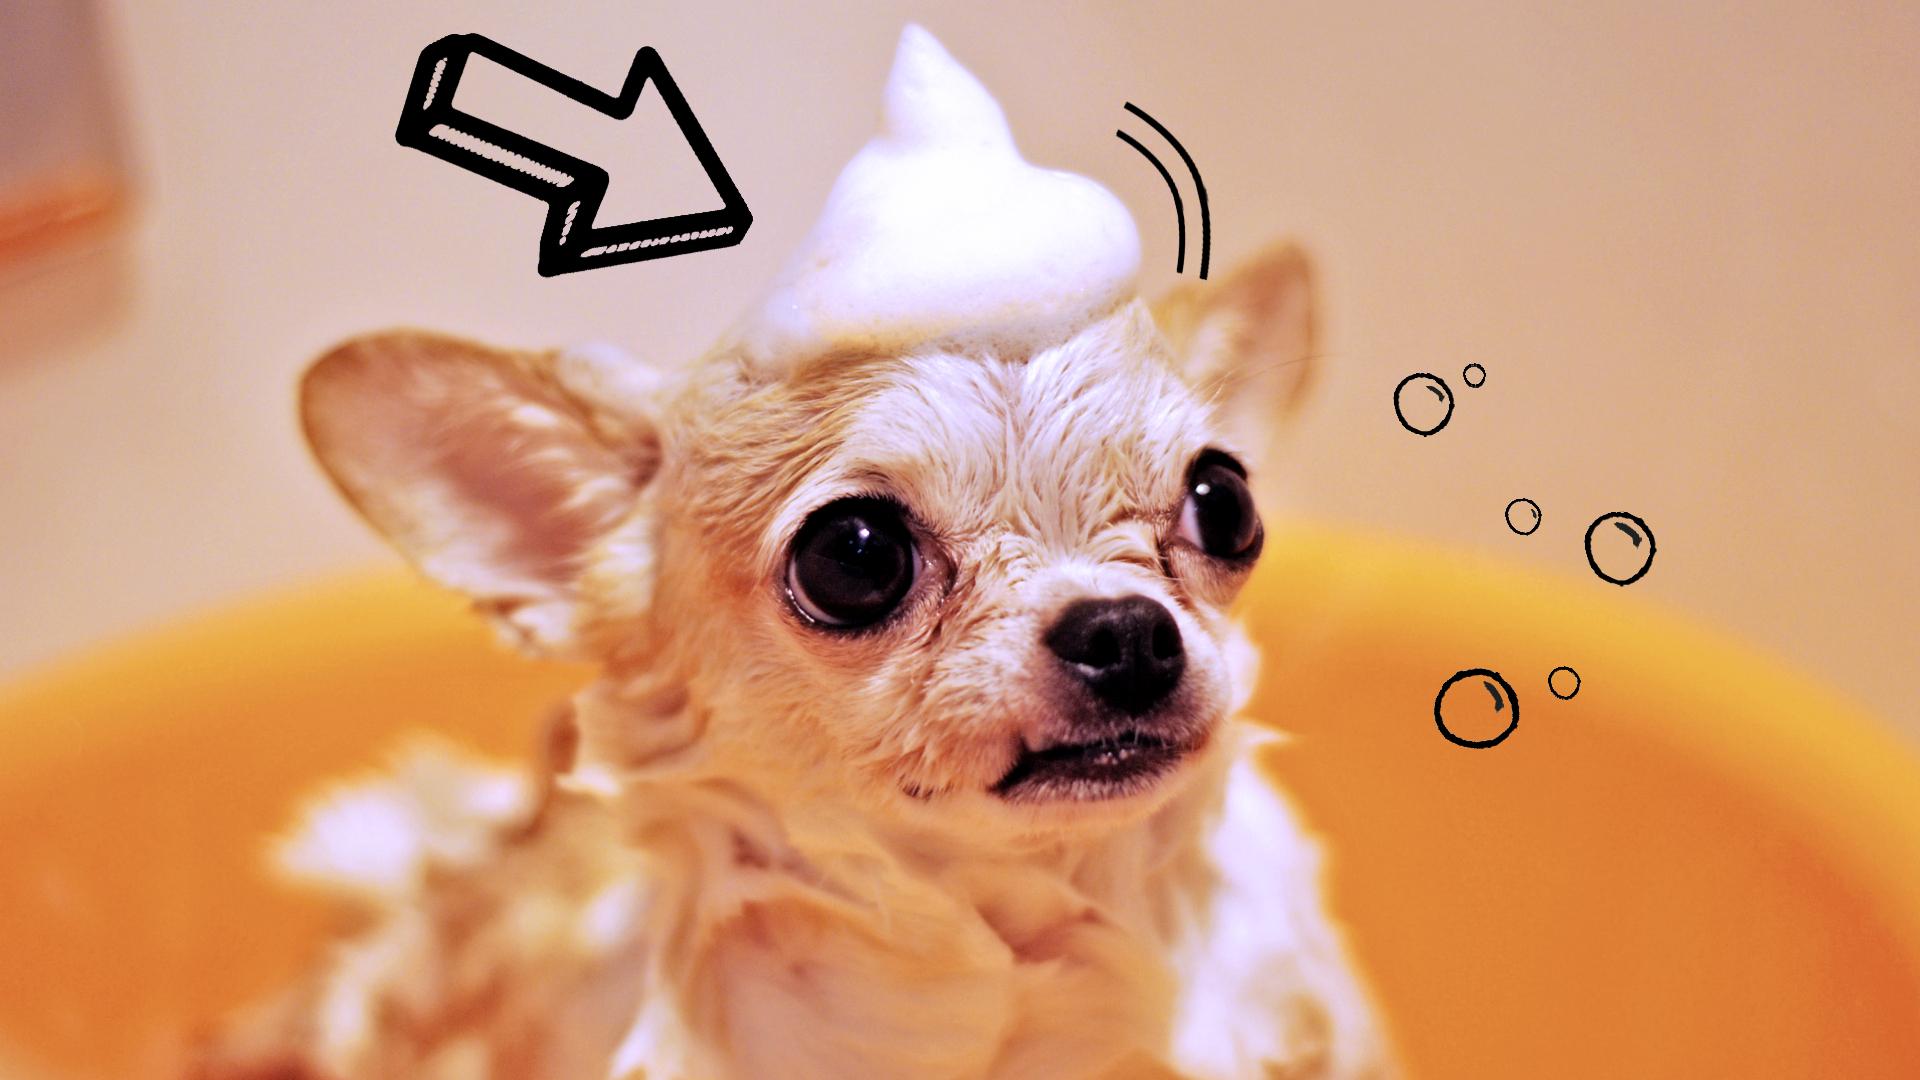 najlepszy szampon dla psa lista